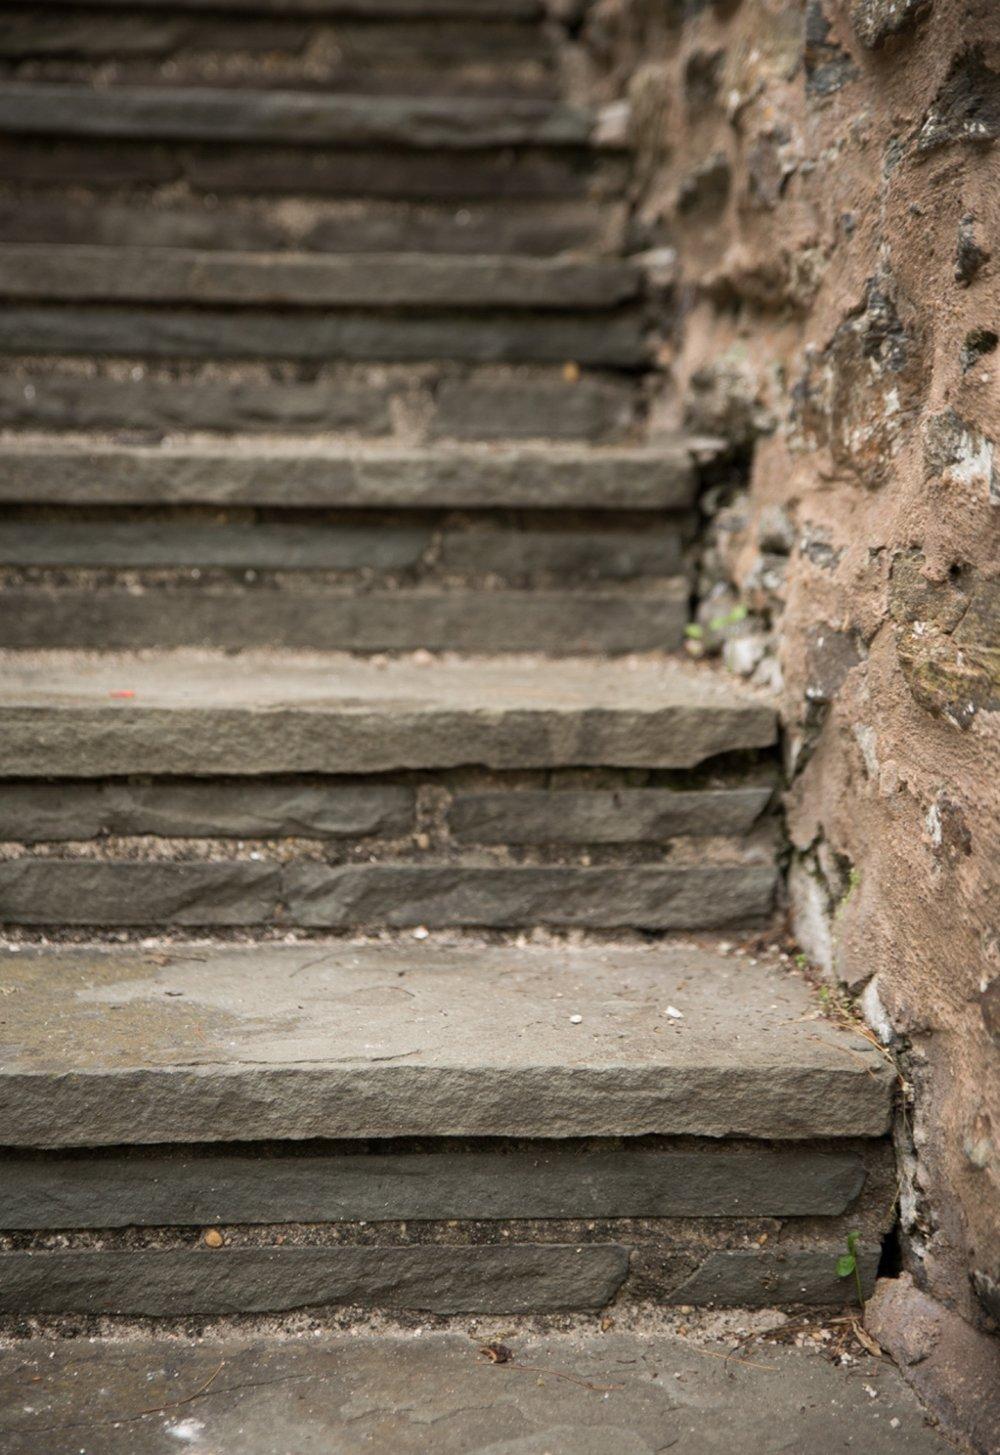 harriton-house-emily-brunner-photography-2.jpg